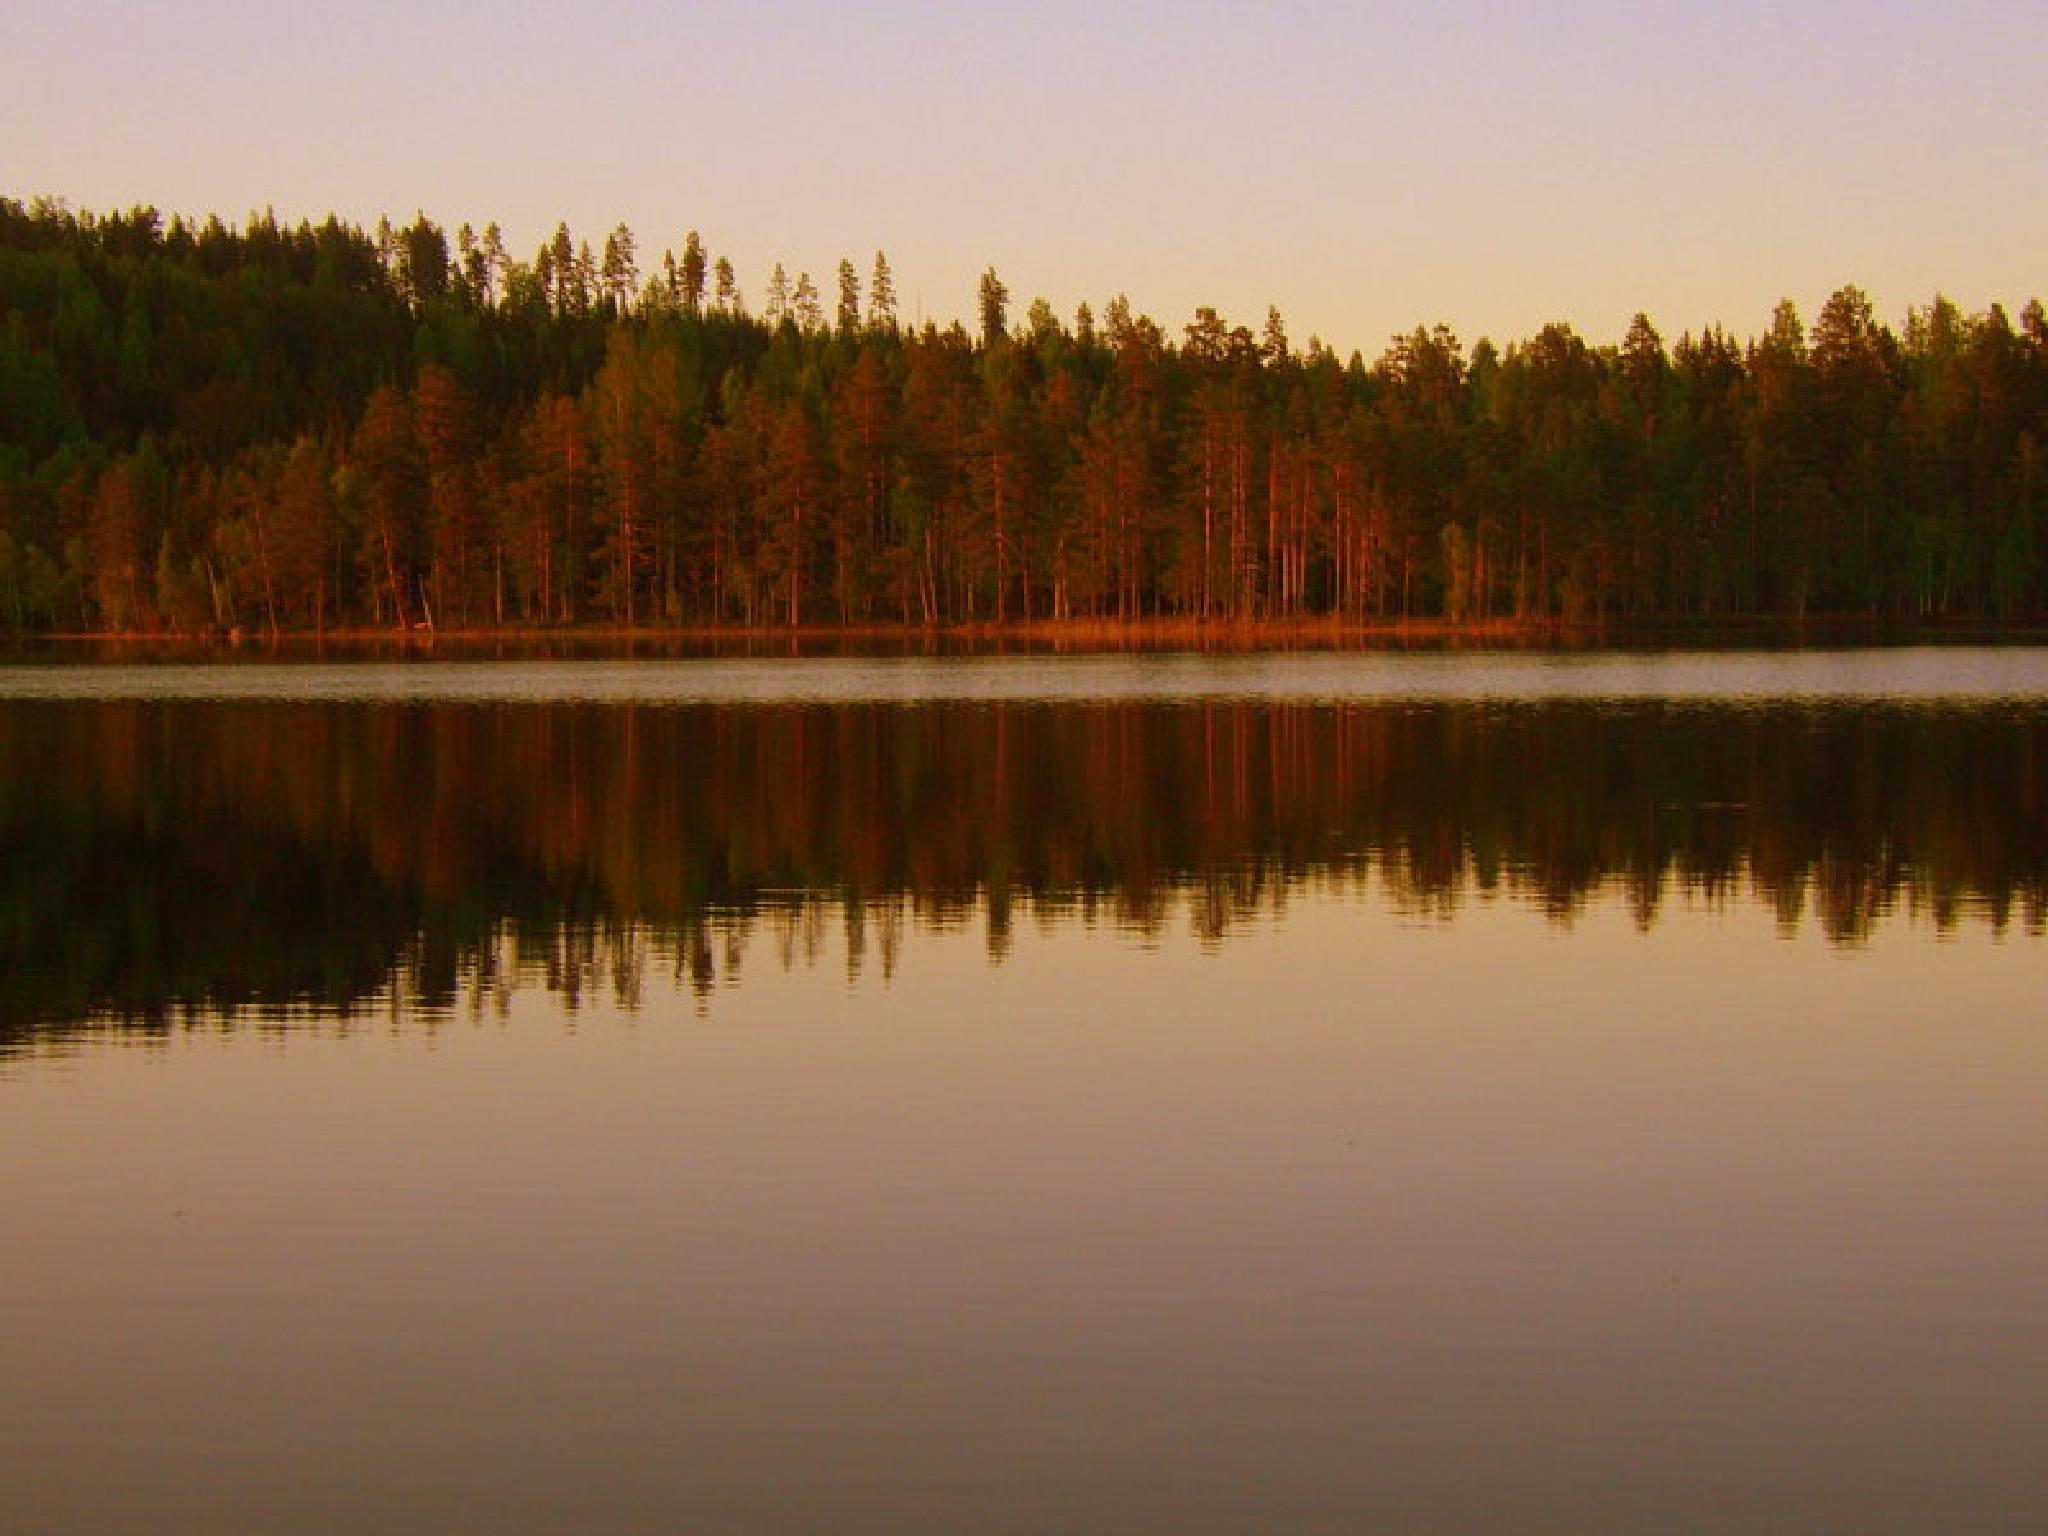 Rose Lake hälsingland Sweden by maria.fahlqvistagren